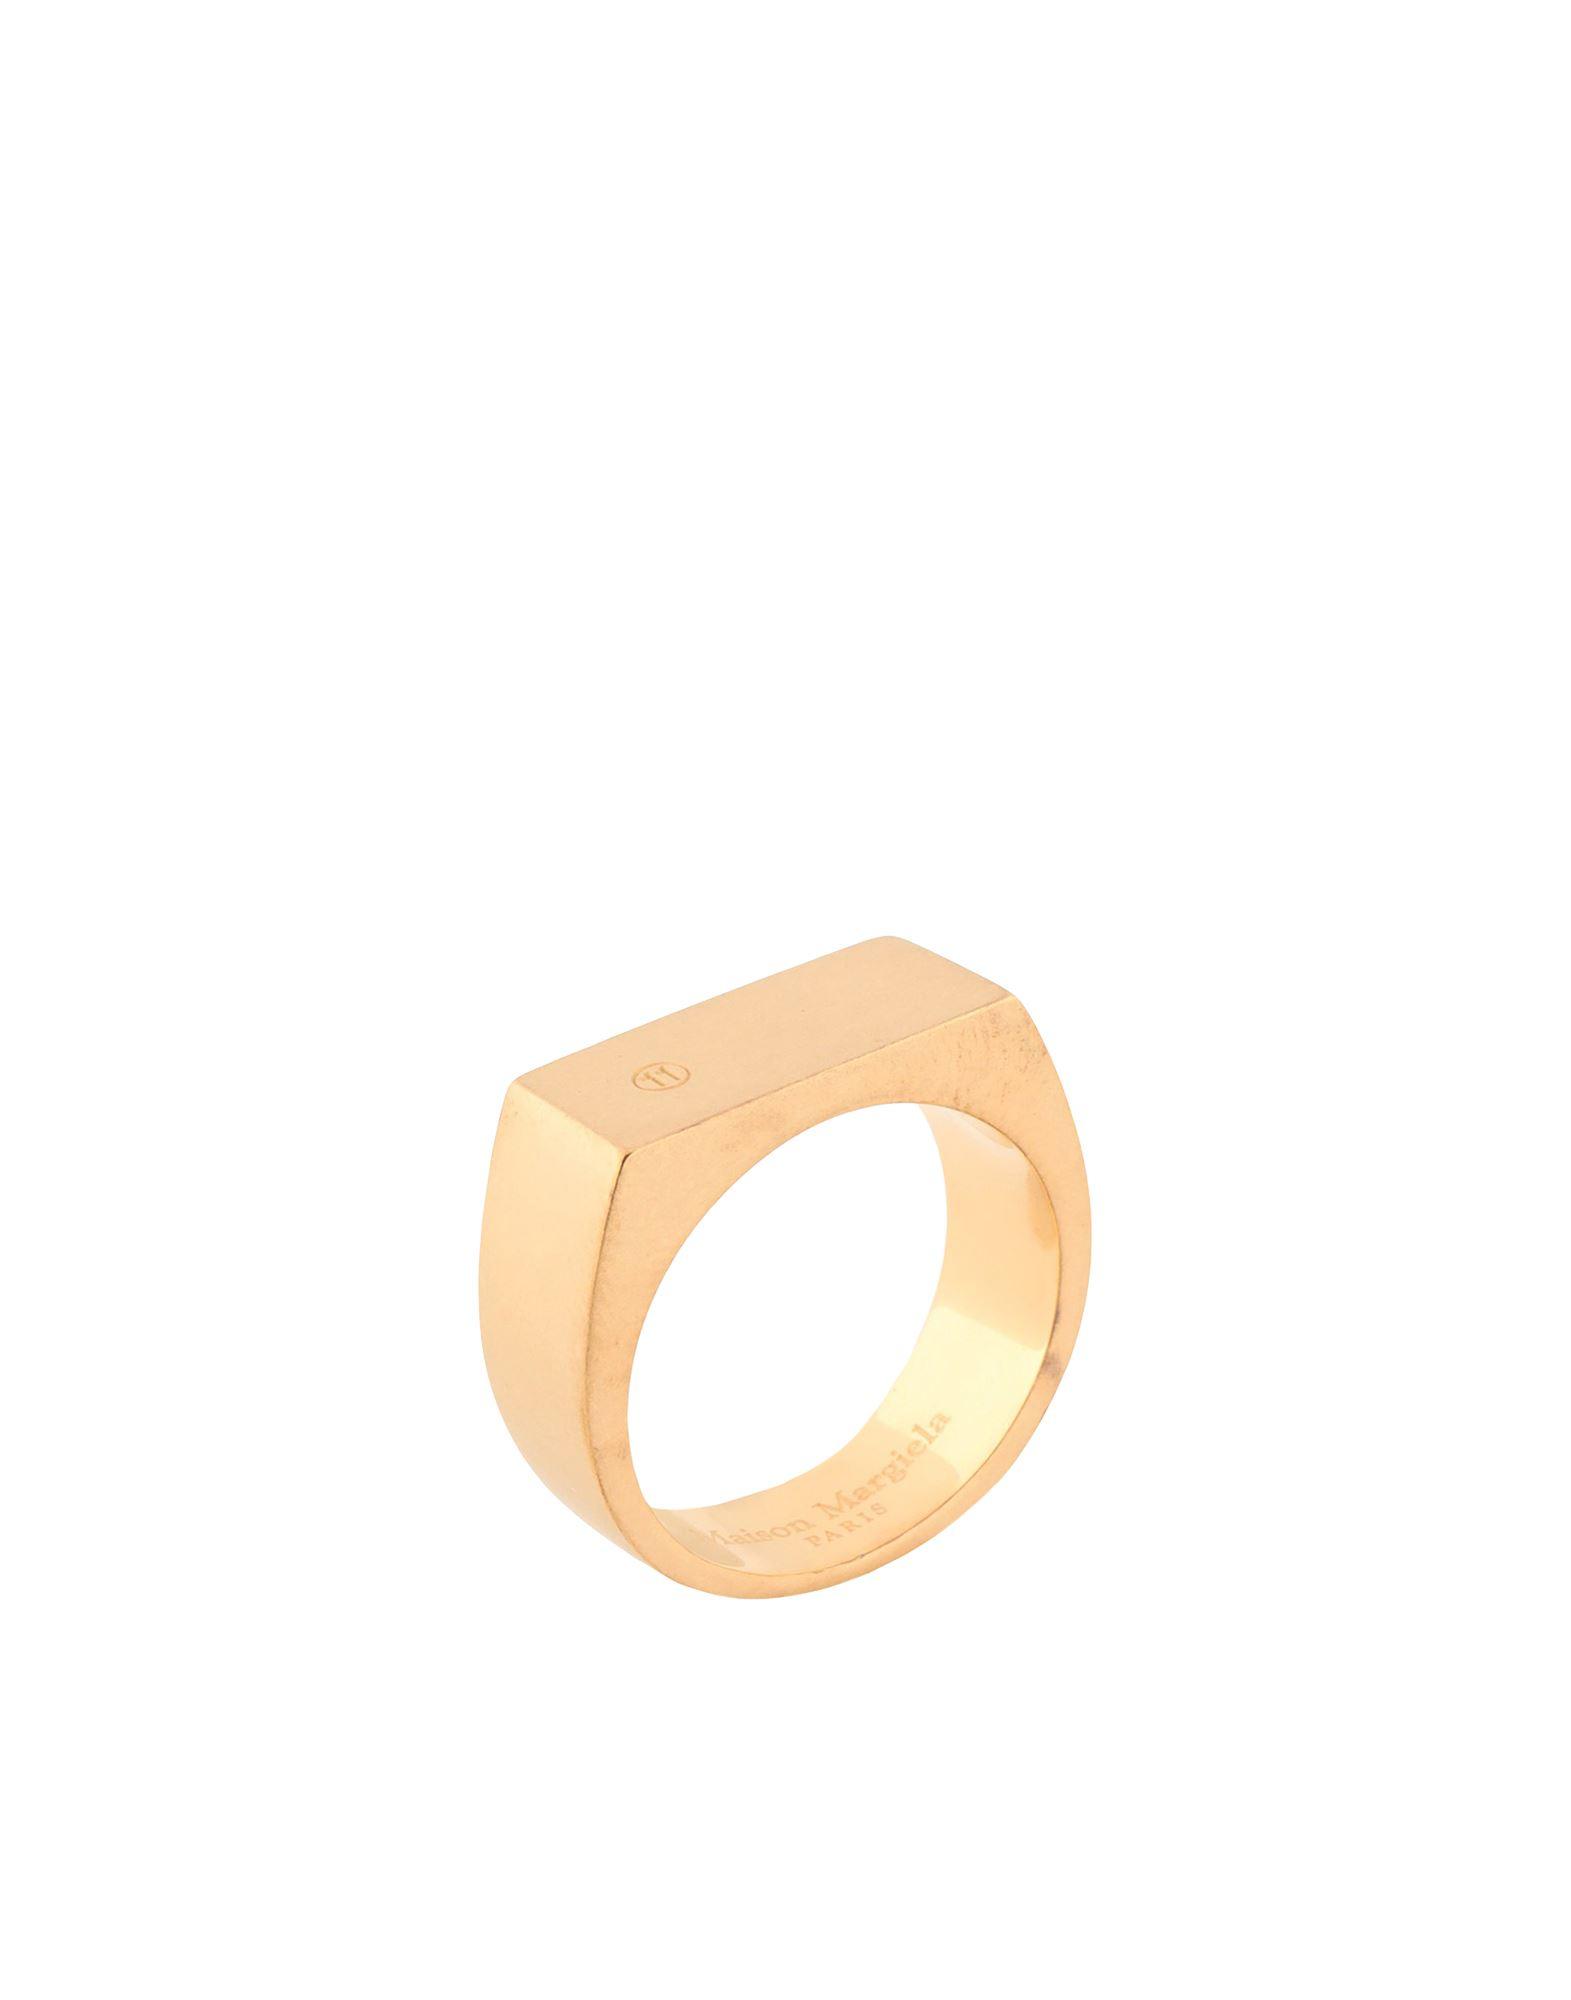 《セール開催中》MAISON MARGIELA メンズ 指輪 ゴールド S シルバー925/1000 100%